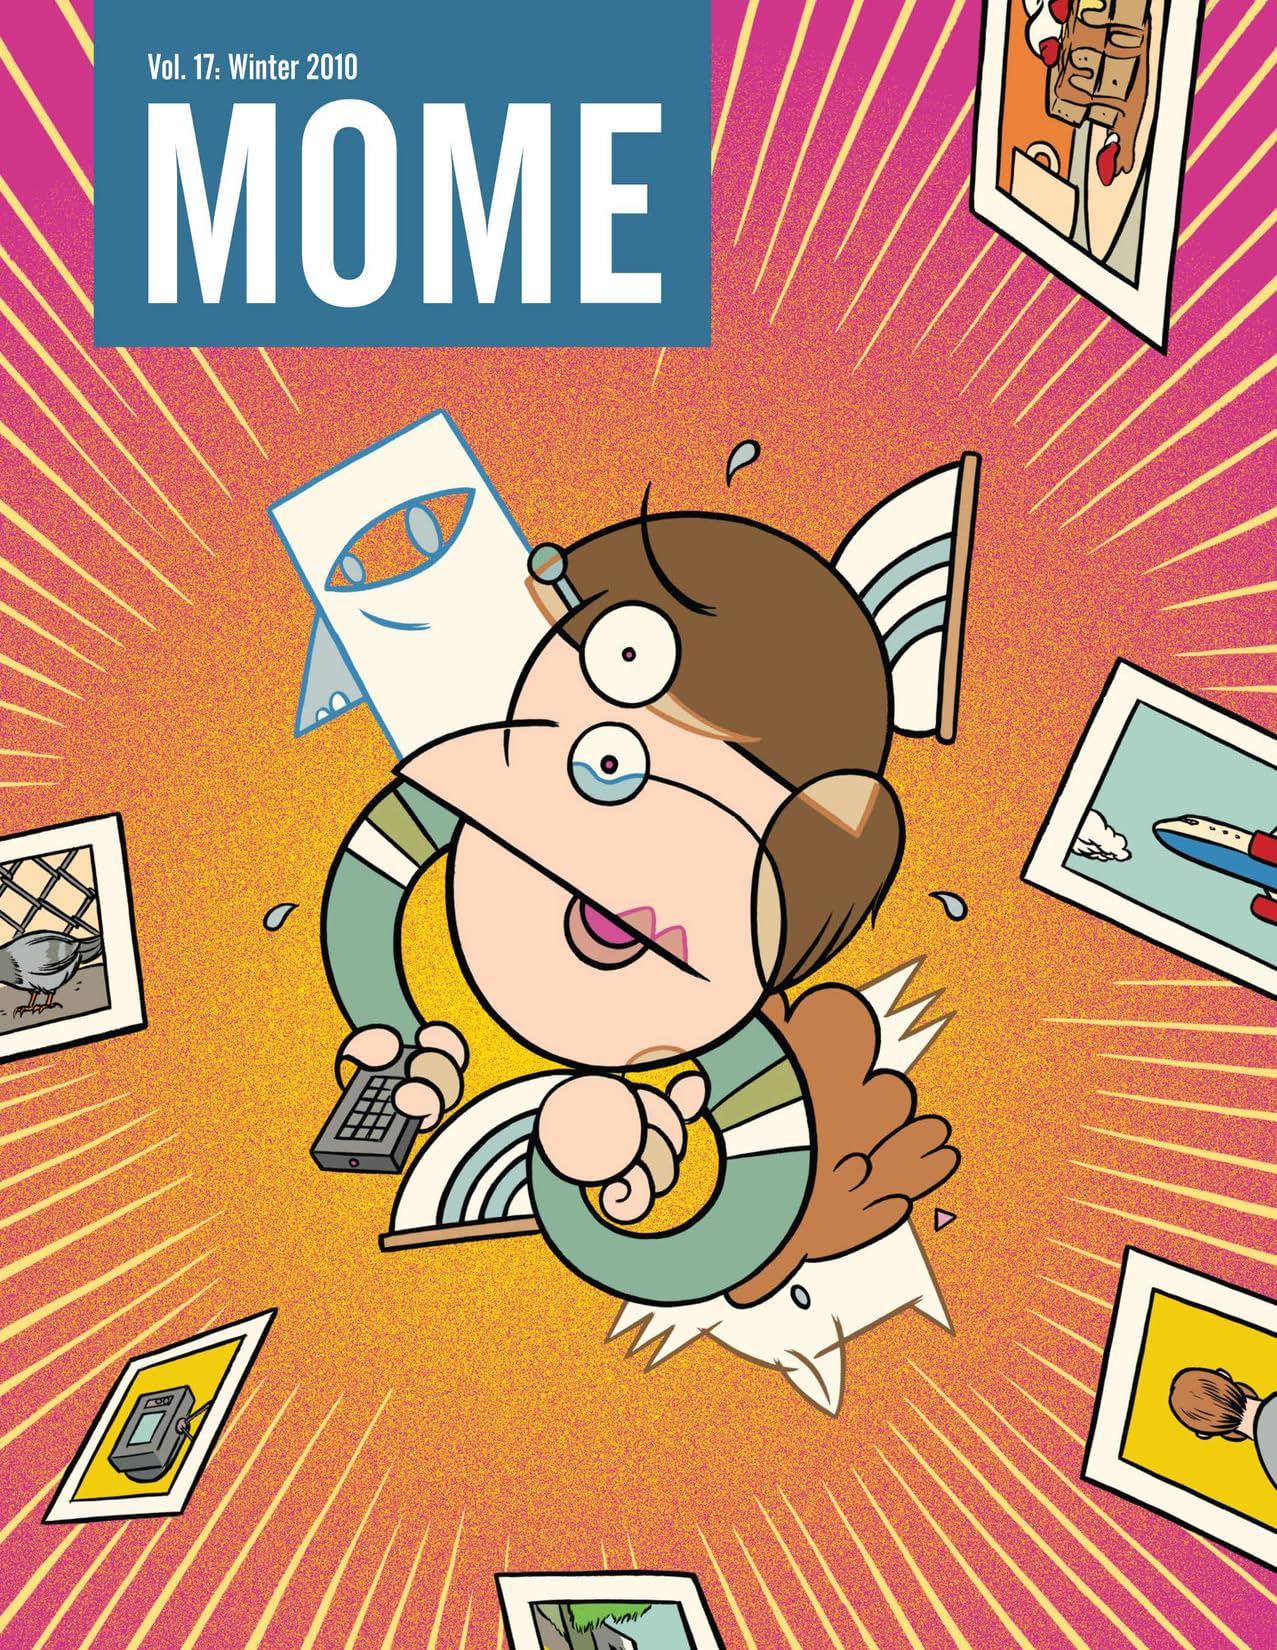 MOME Vol. 17